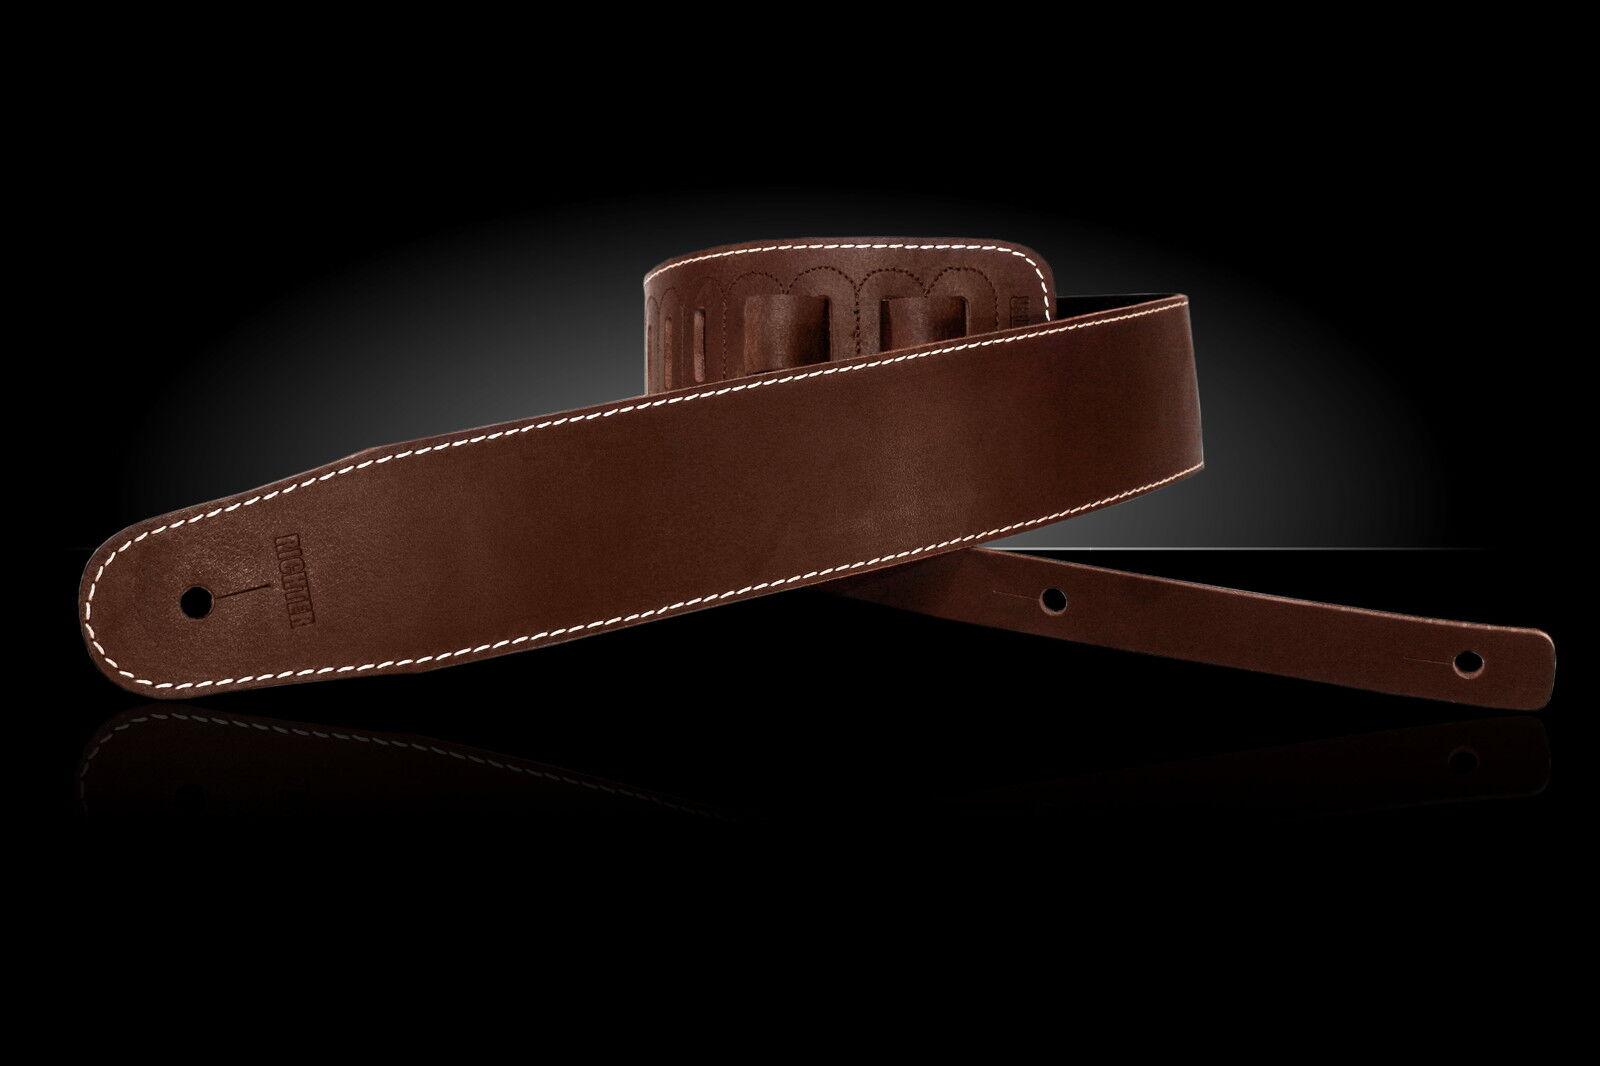 Richter Cinturón Luxury búfalo marrón marrón marrón Art No. r-1070 d912a6